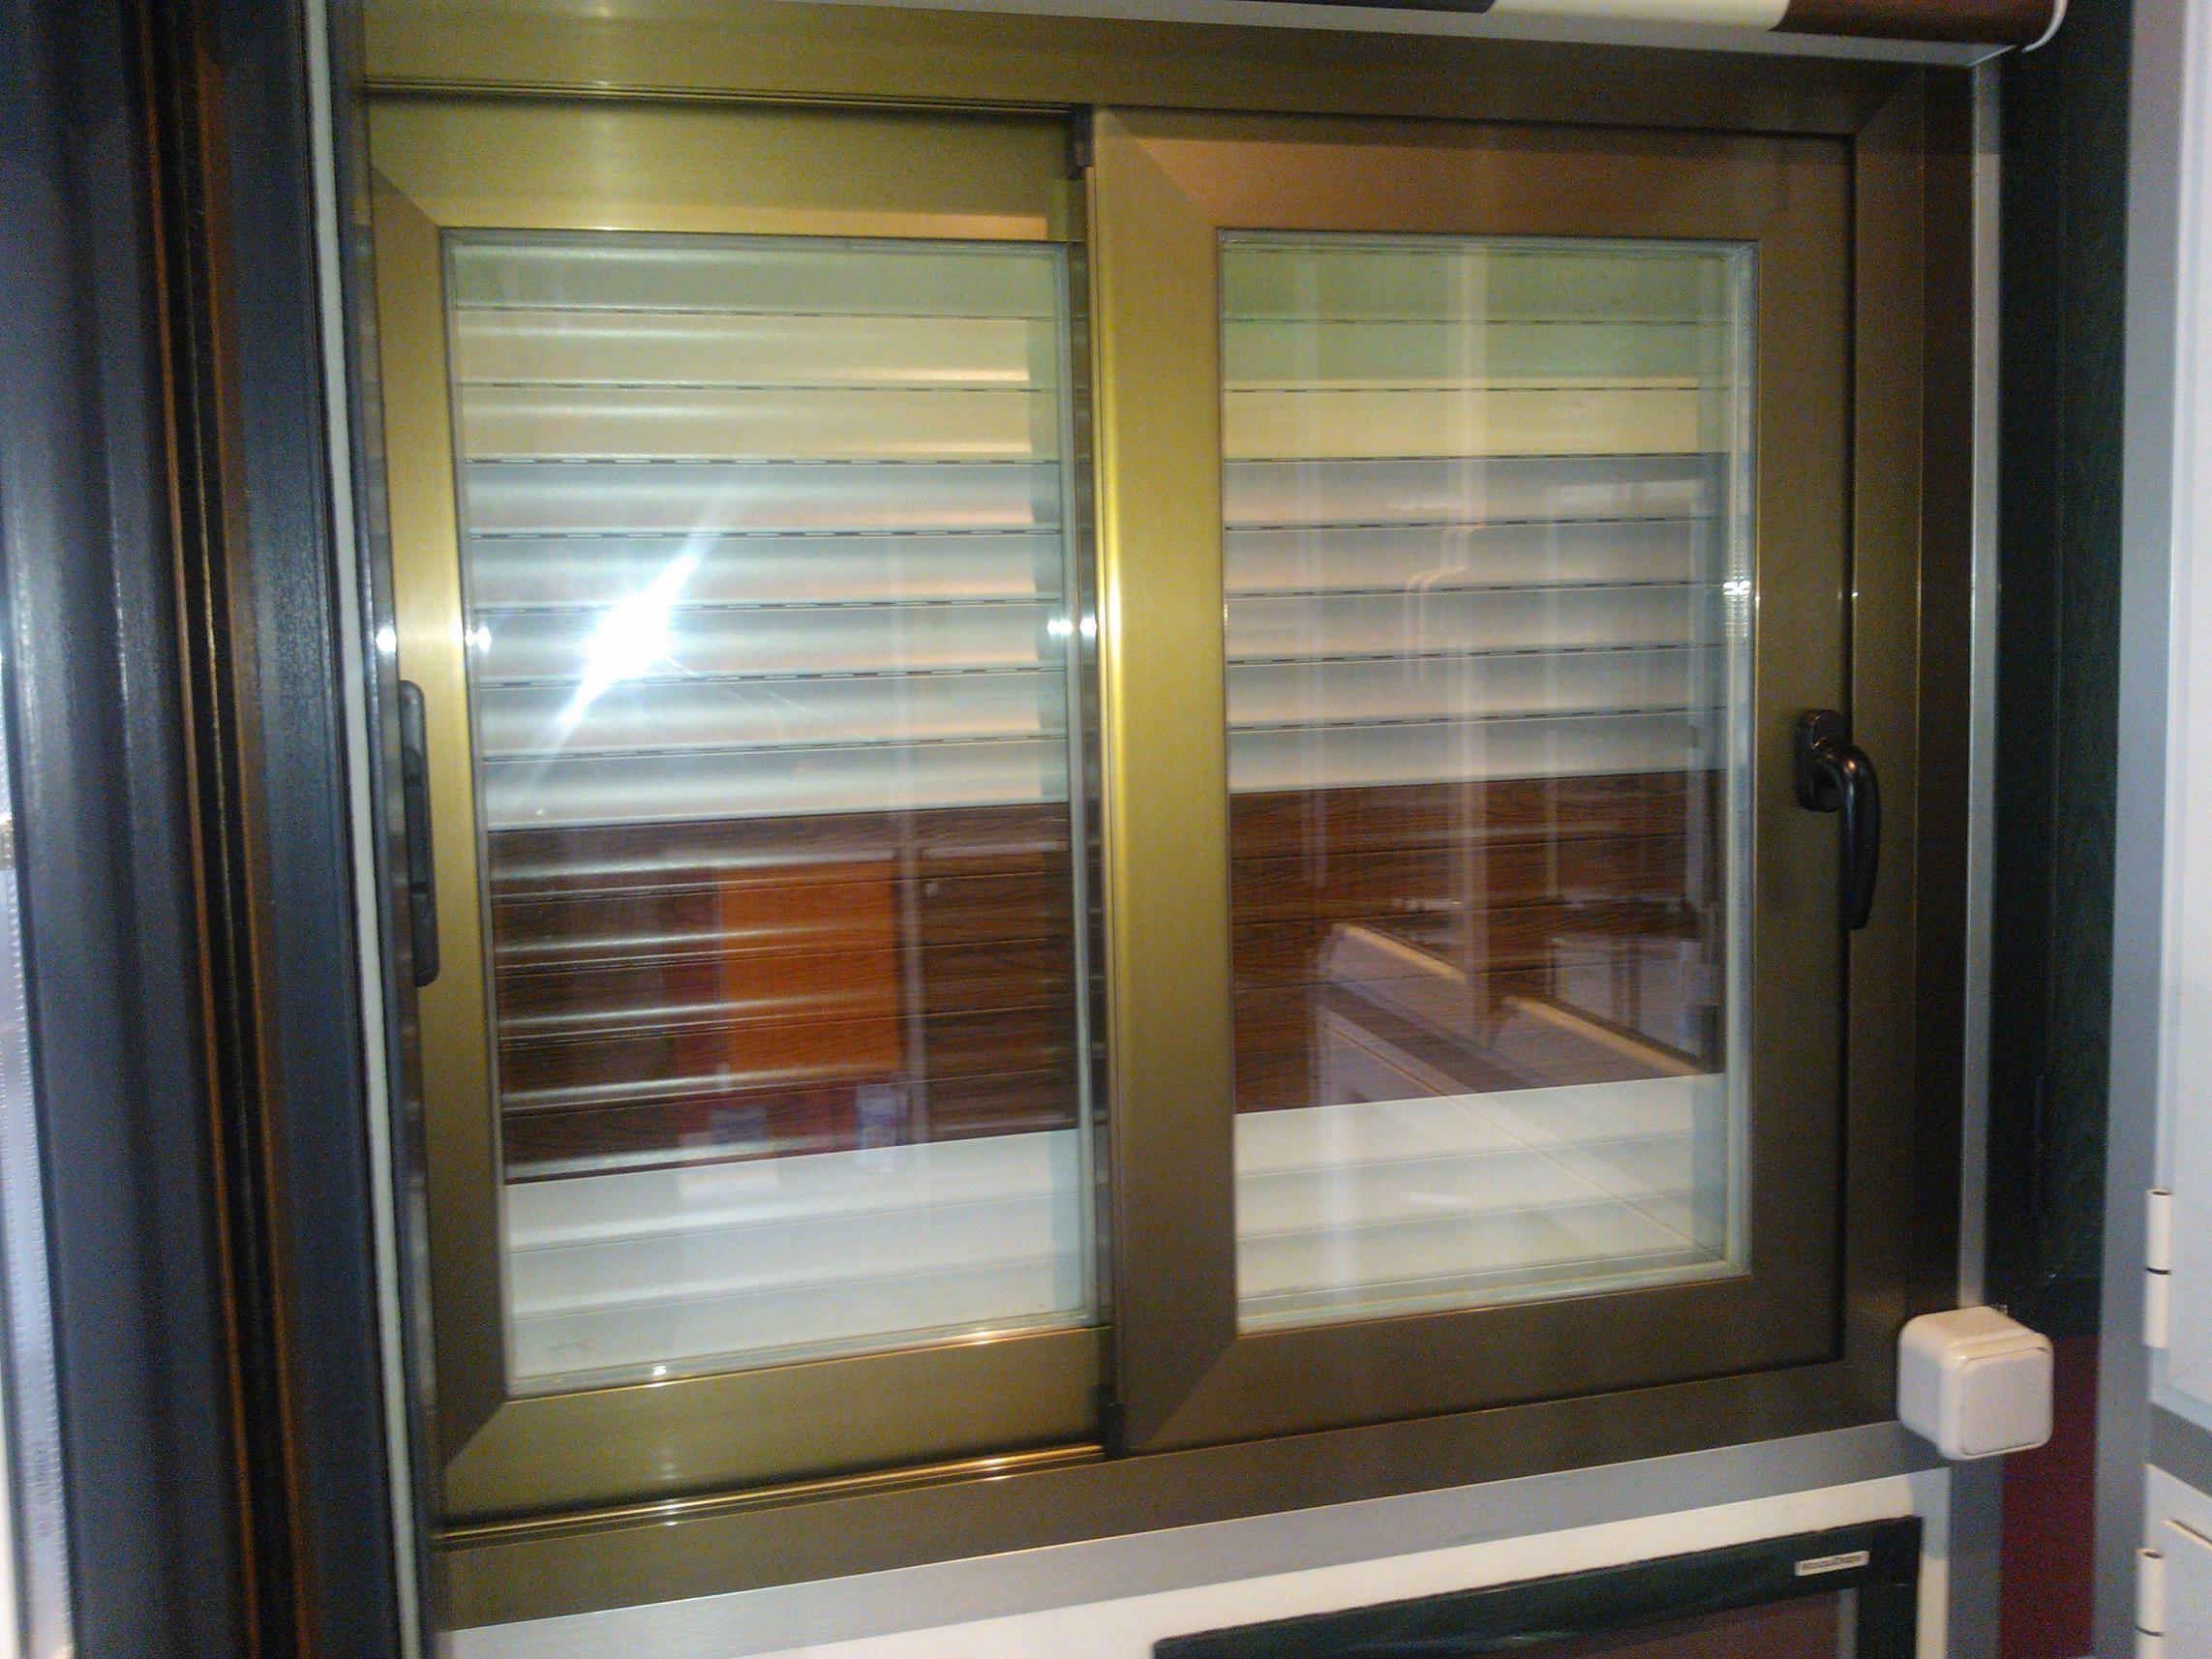 Ventanas de aluminio y pvc correderas productos y for Ventanas con persianas incorporadas